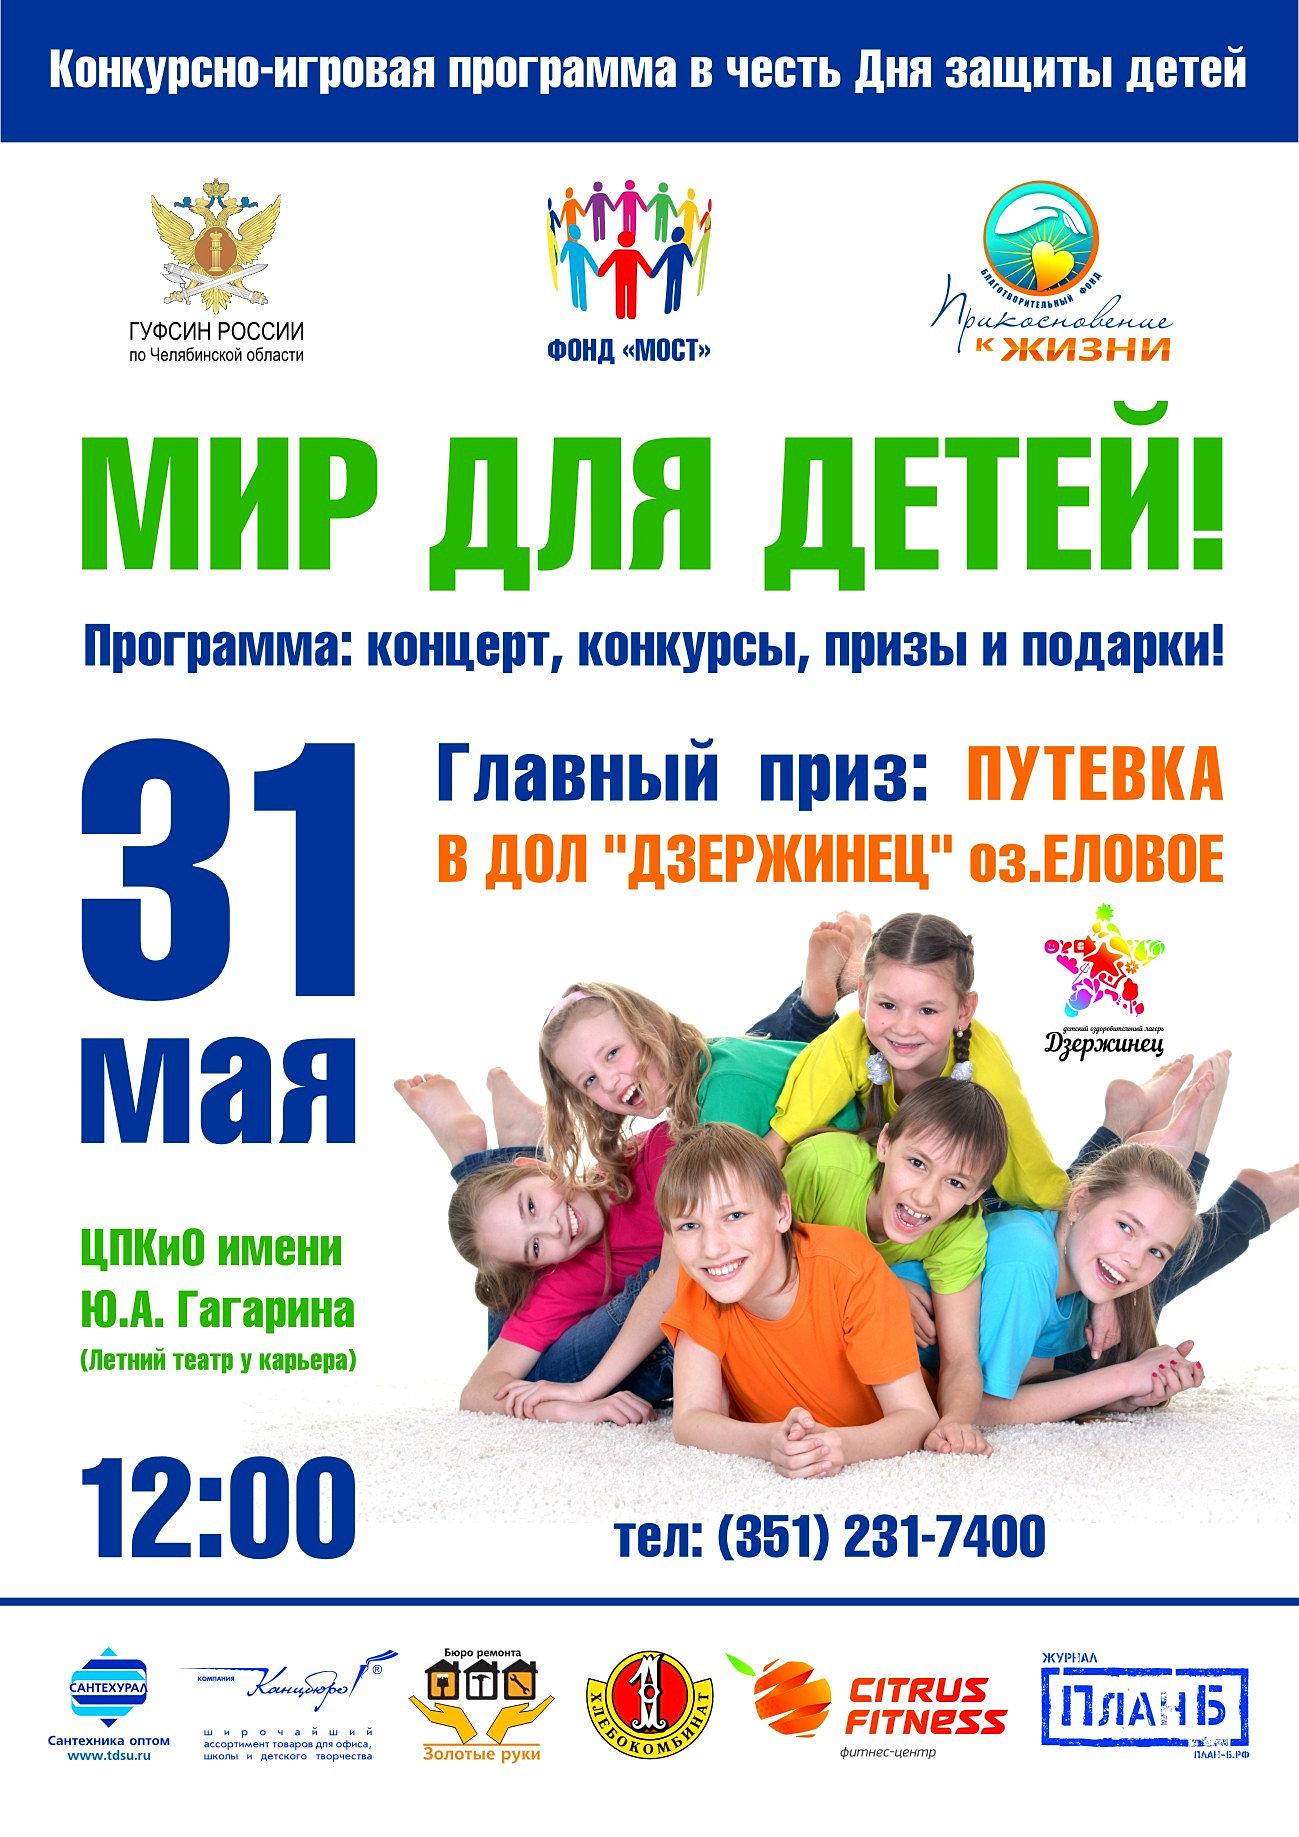 Конкурсы к дню защиты детей на улице с конкурсами